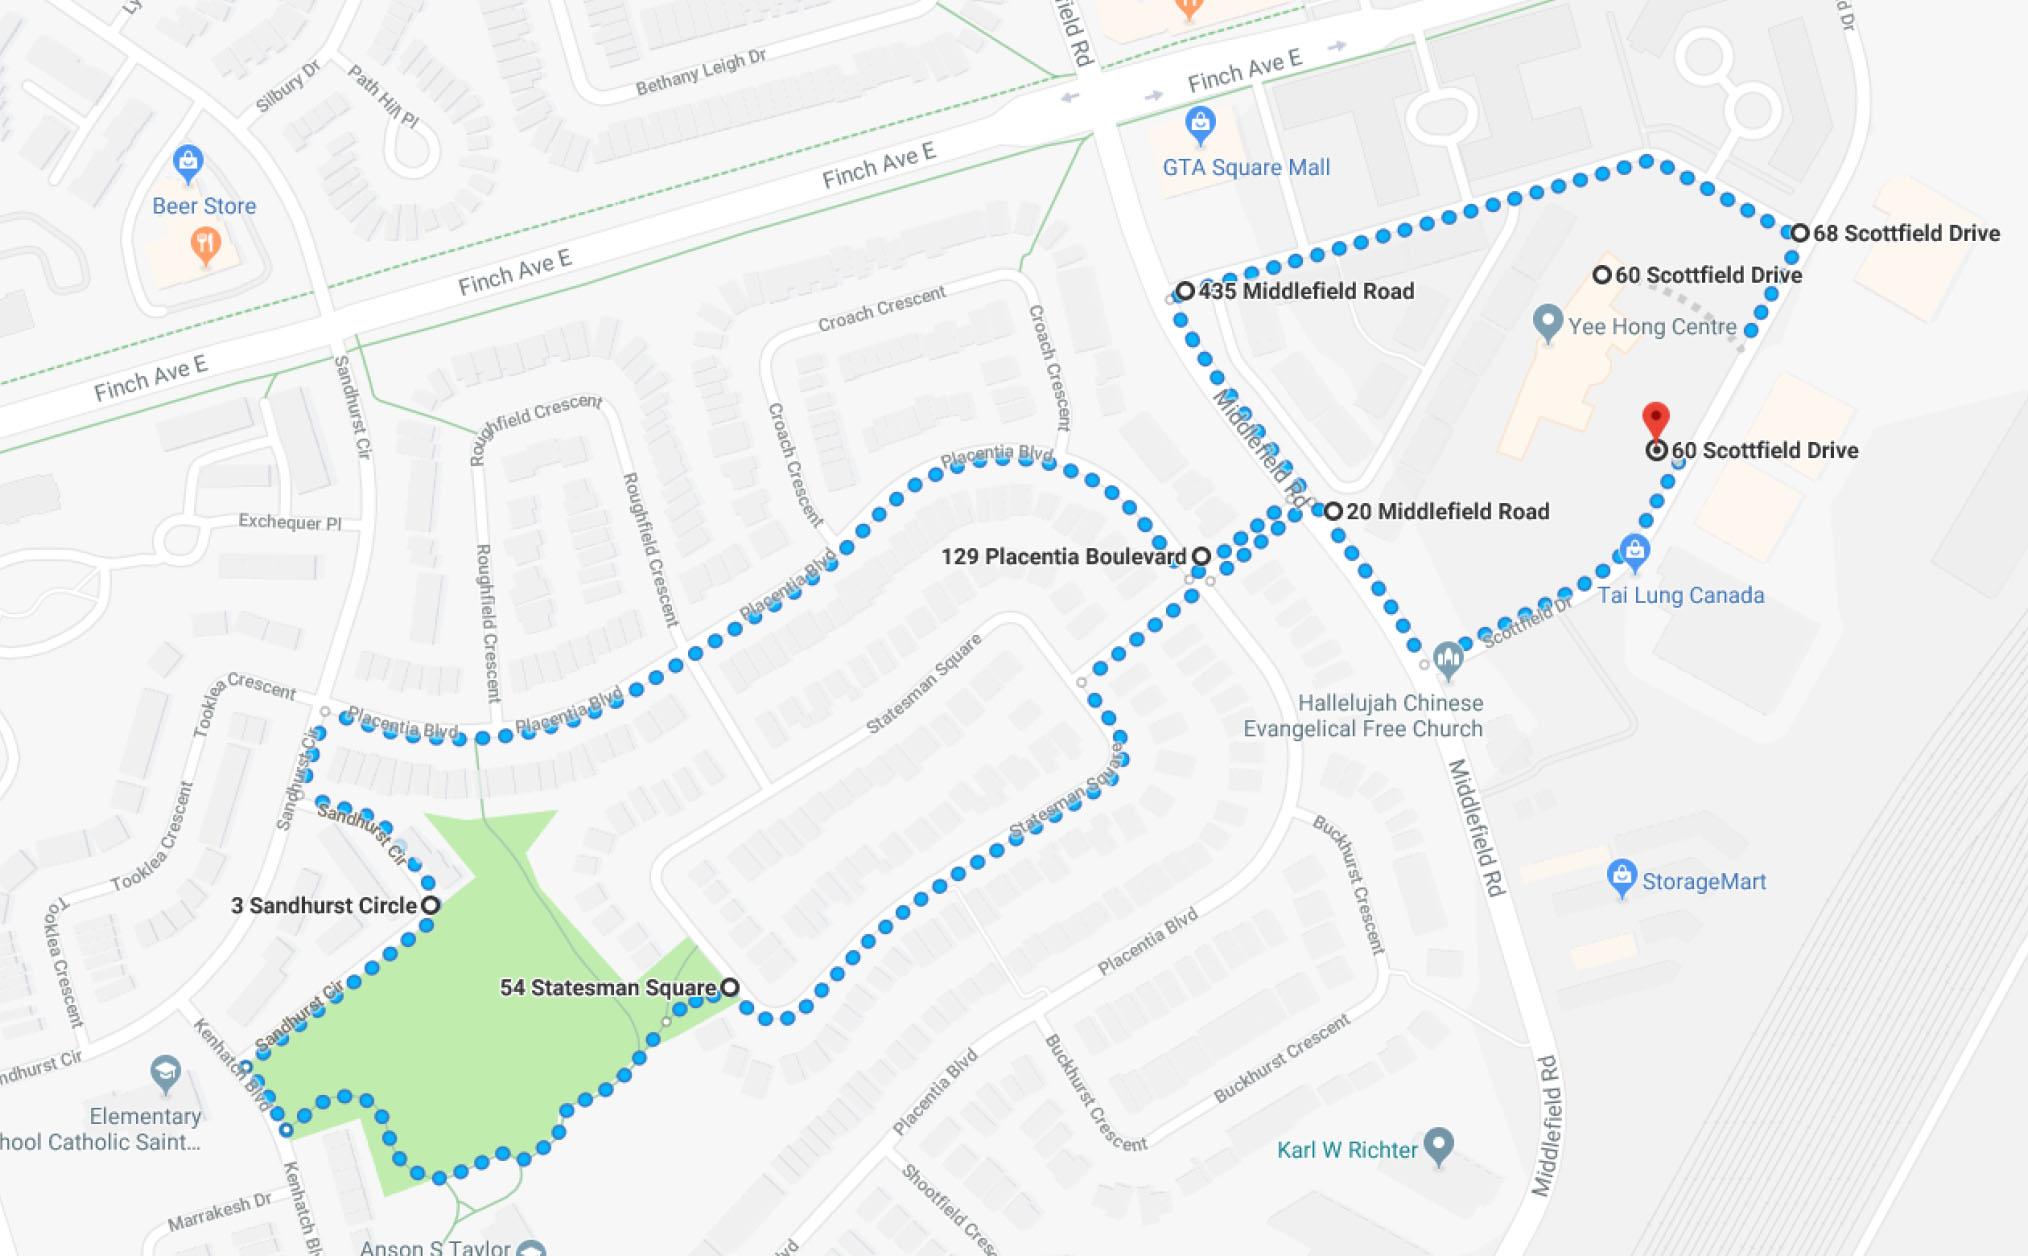 Earth Walk Route 2018 Finch